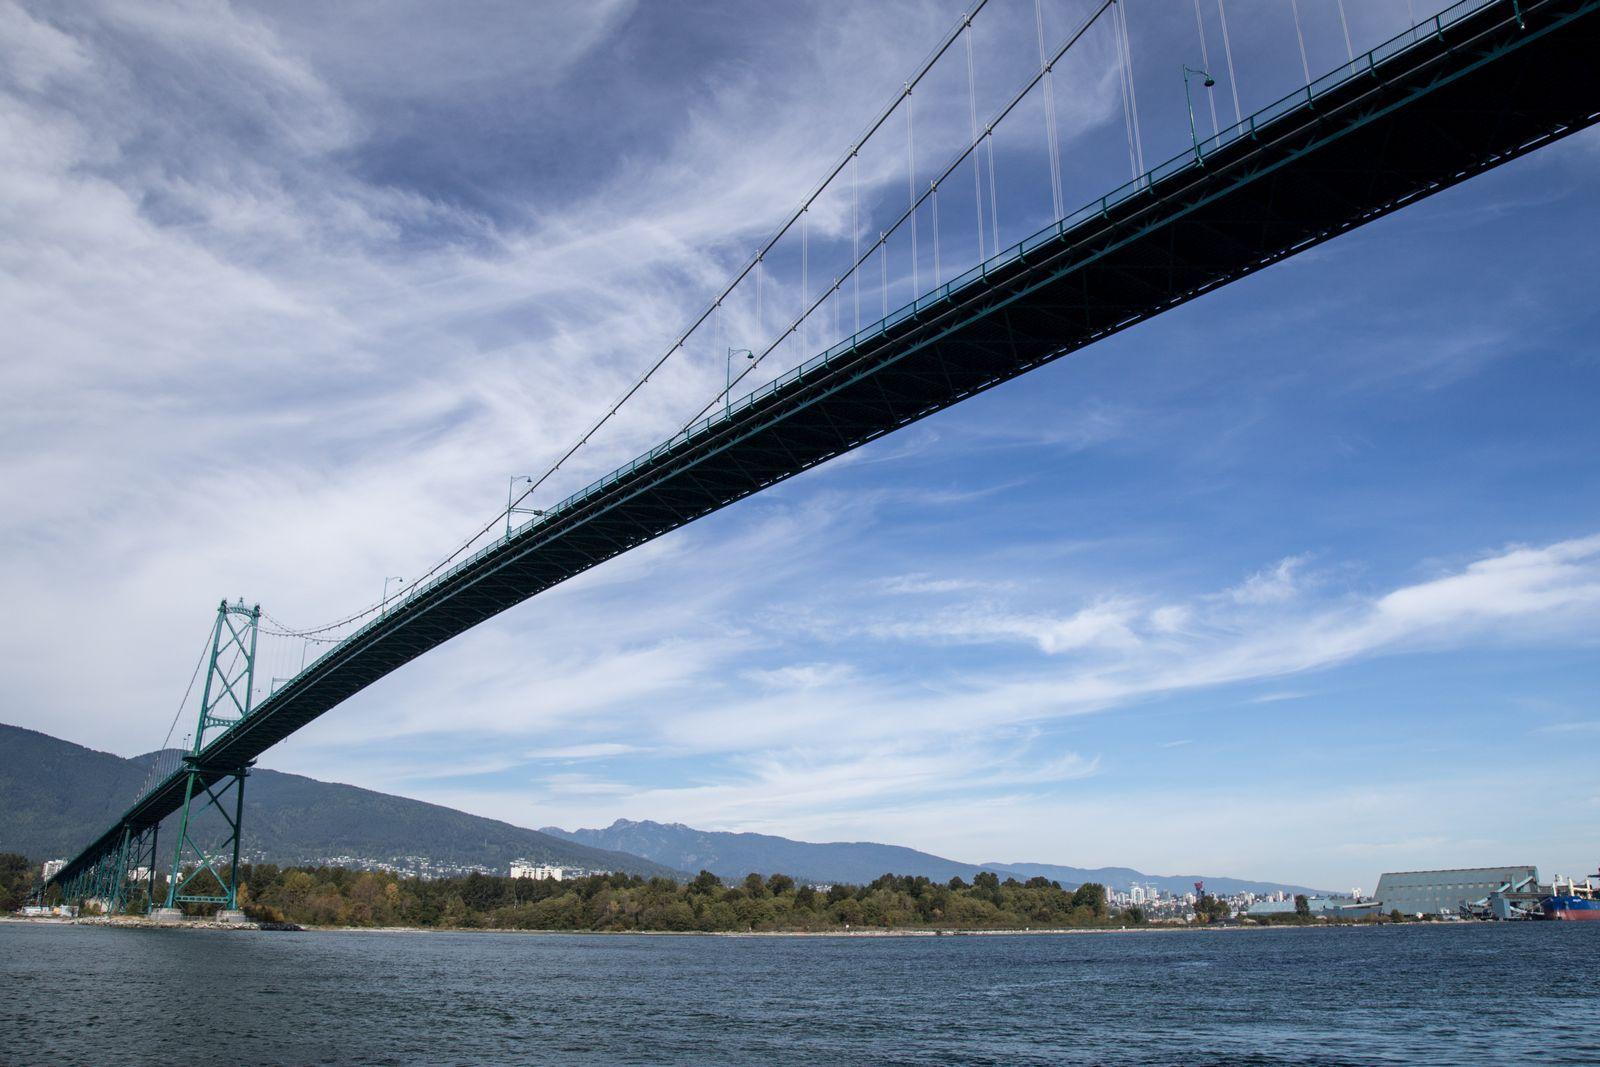 El puente, ahora desde abajo